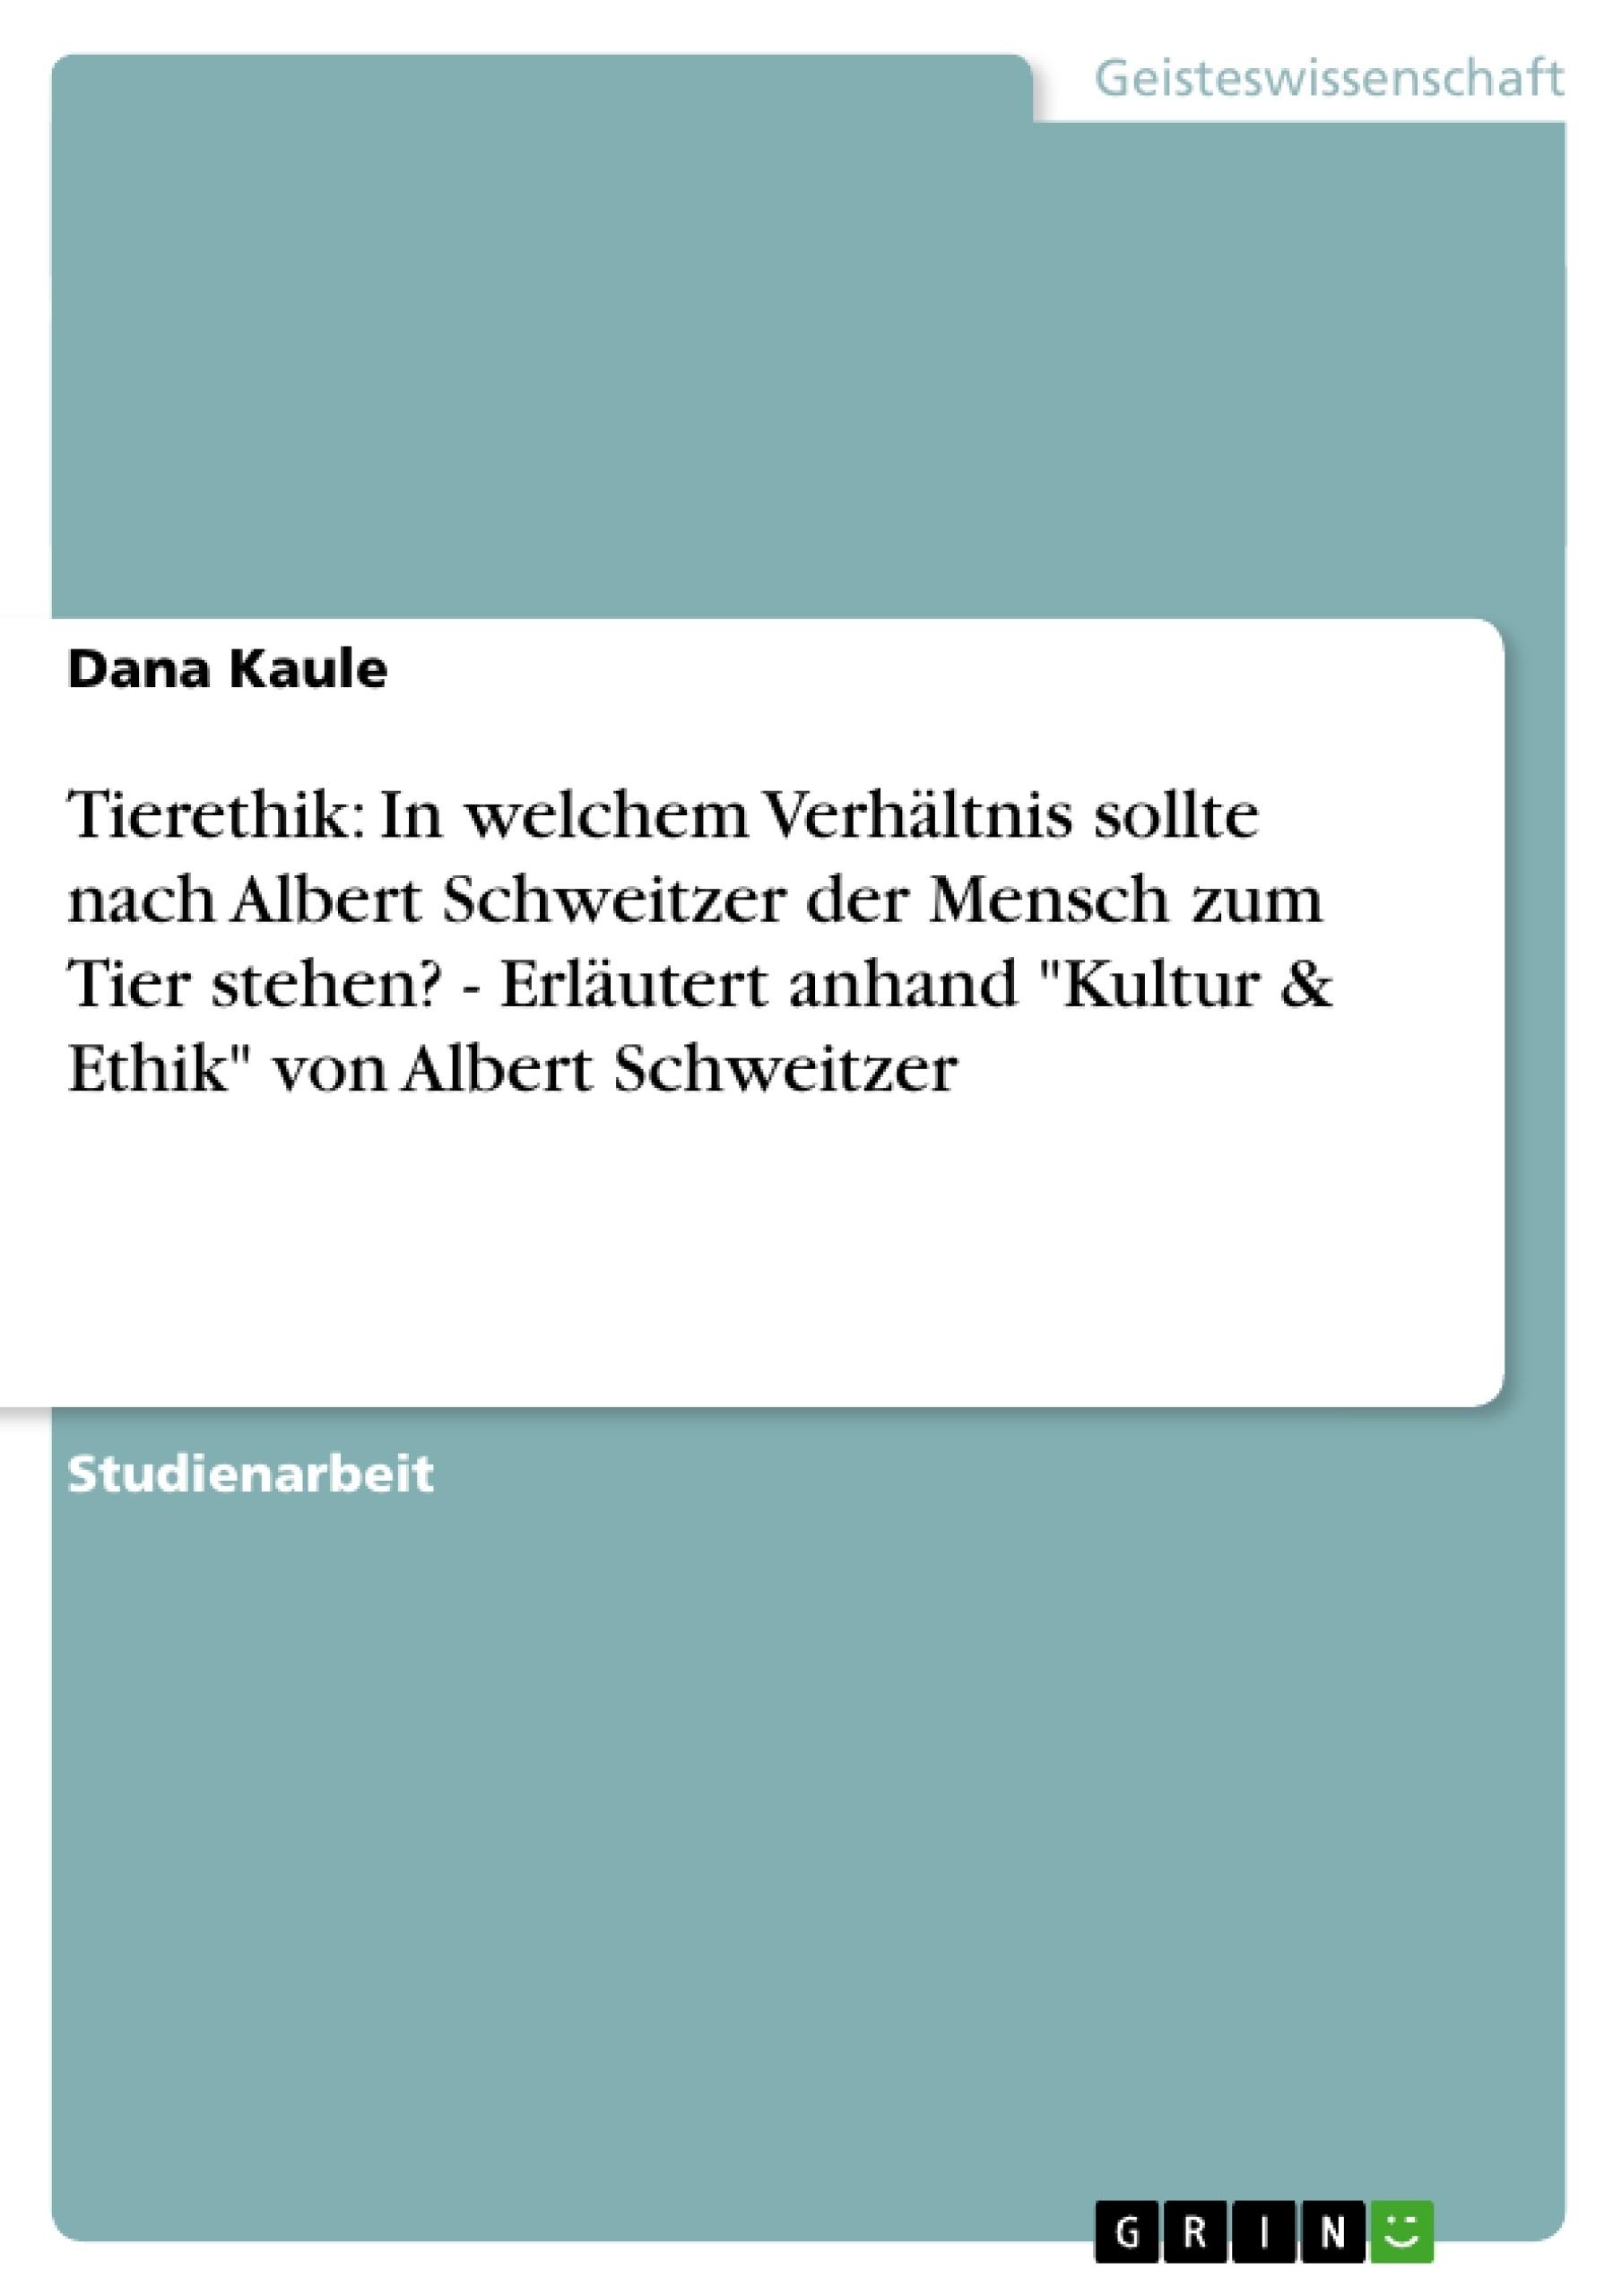 """Titel: Tierethik: In welchem Verhältnis sollte nach Albert Schweitzer der Mensch zum Tier stehen? - Erläutert anhand """"Kultur & Ethik"""" von Albert Schweitzer"""